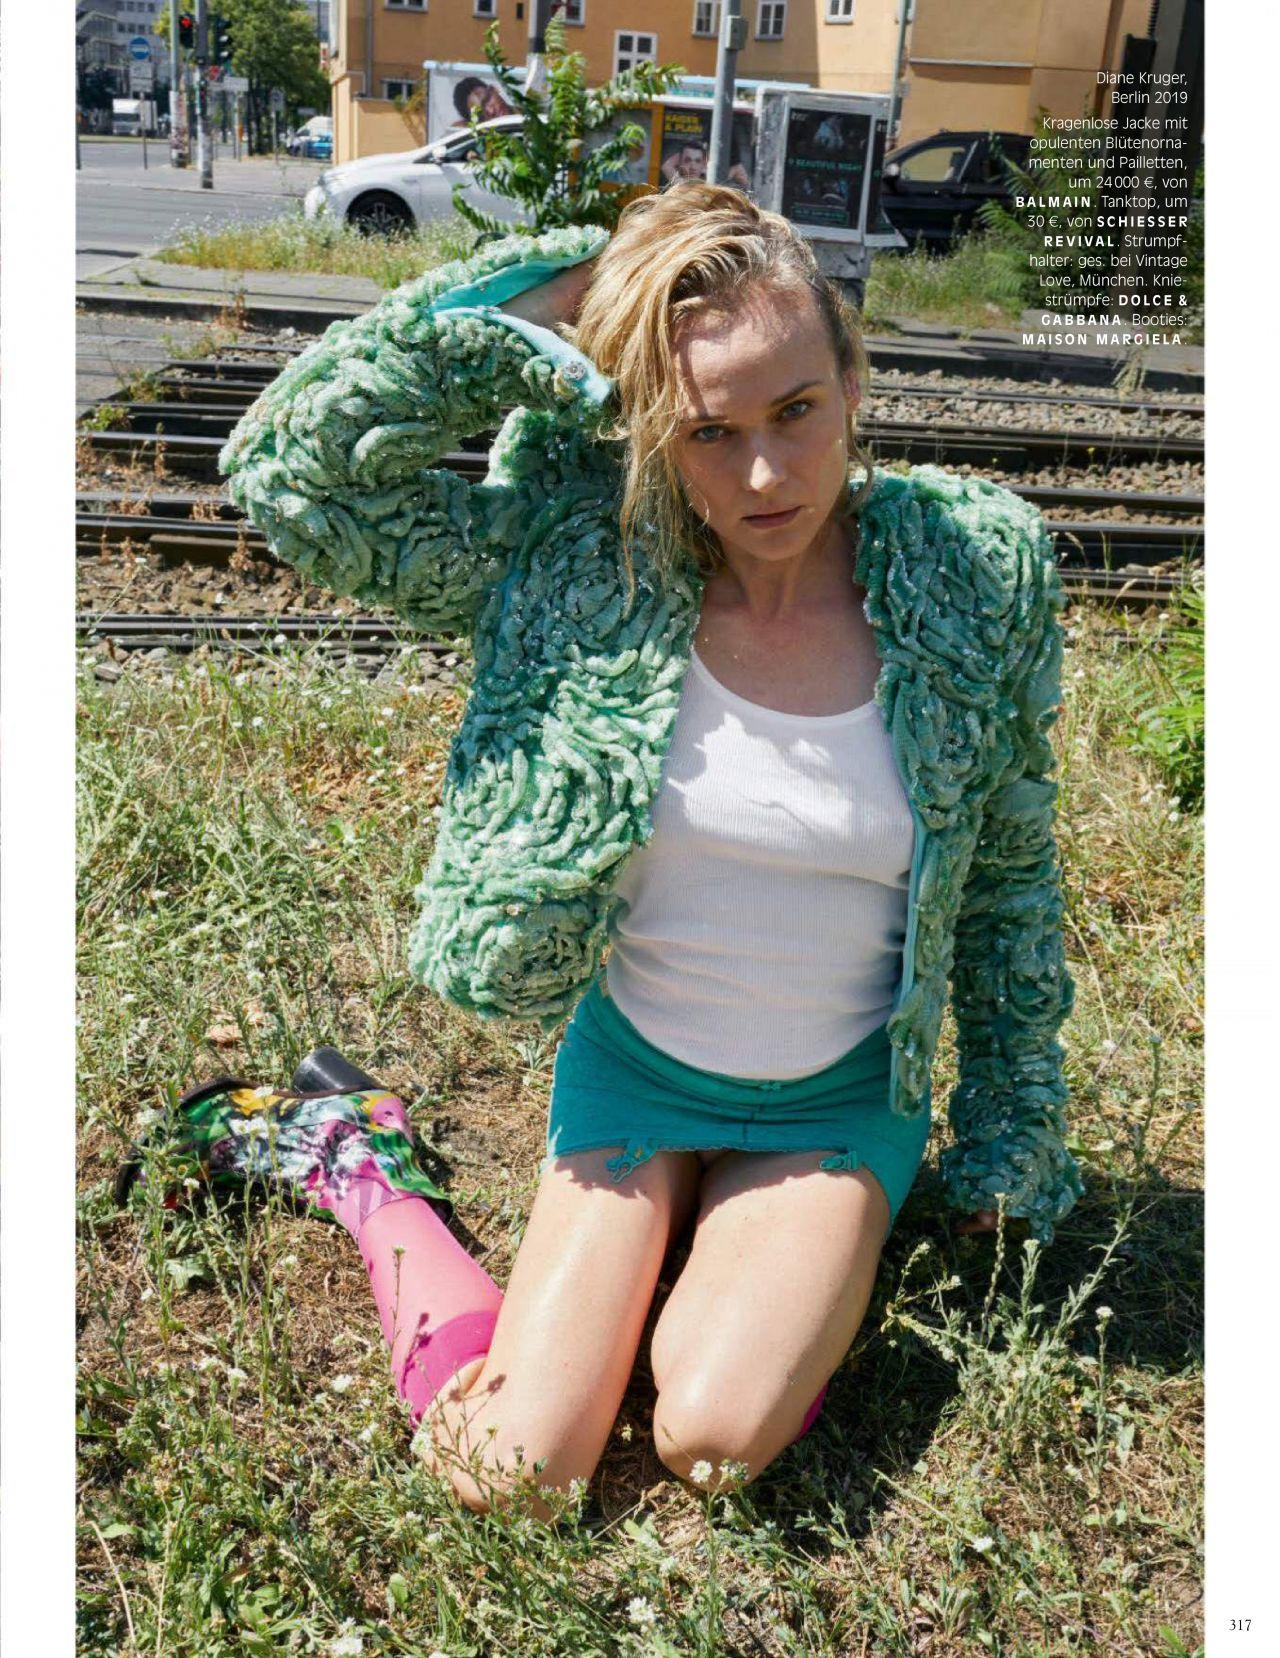 Диана Крюгер купается в фонтане в съемке немецкого Vogue (фото 10)